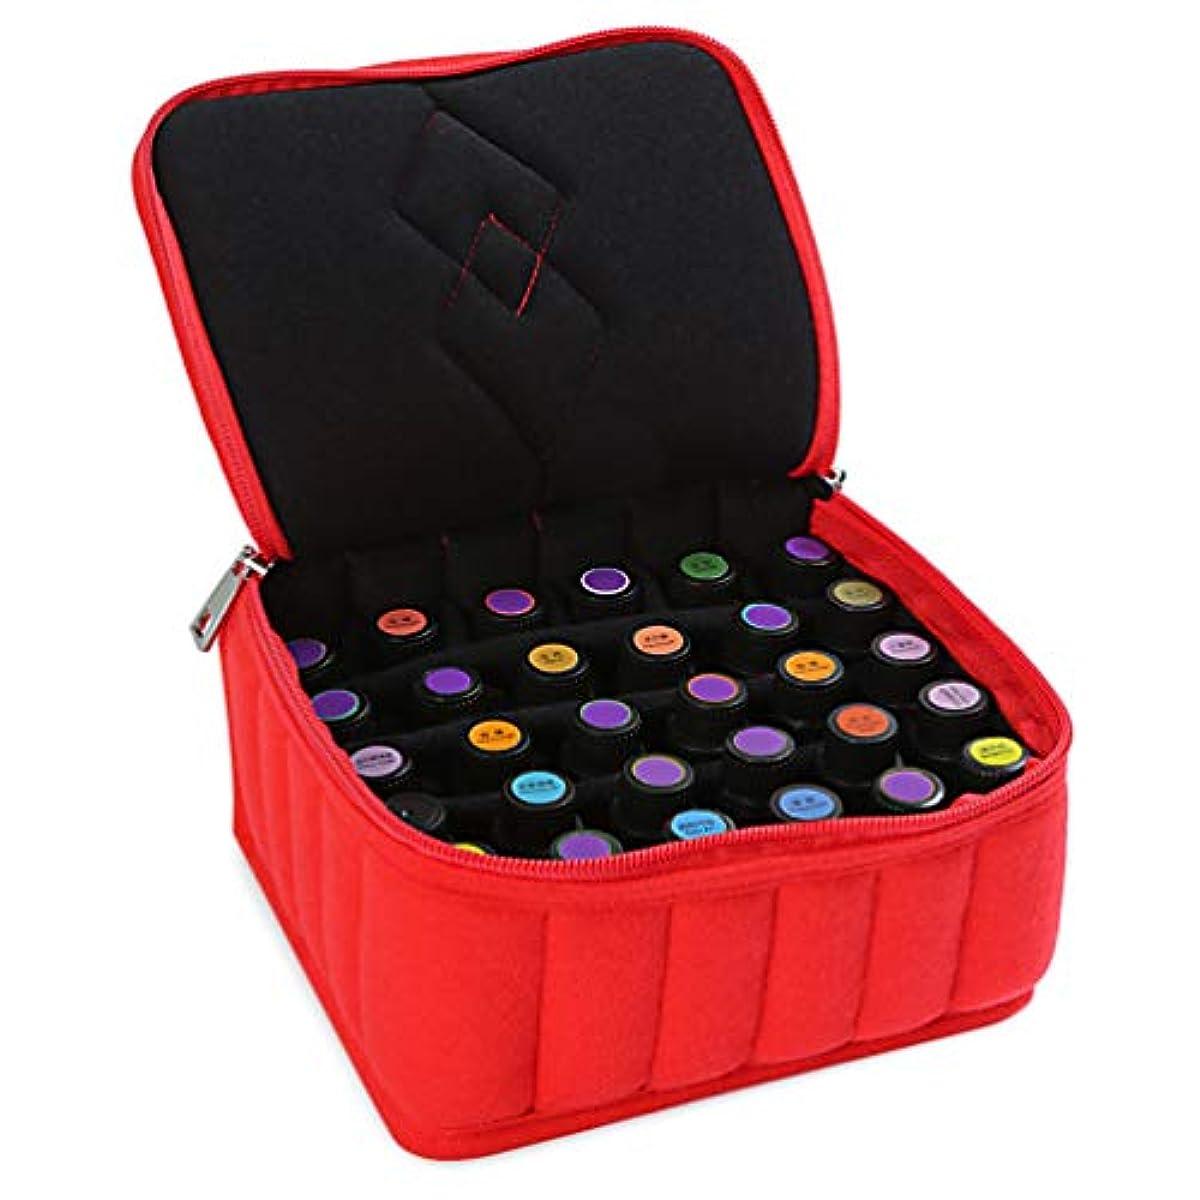 テーマ薬理学第九リングケース 指輪 ベロア調 ピアスケース 30個 収納可 ディスプレイ 展示用 ジュエリーボックス